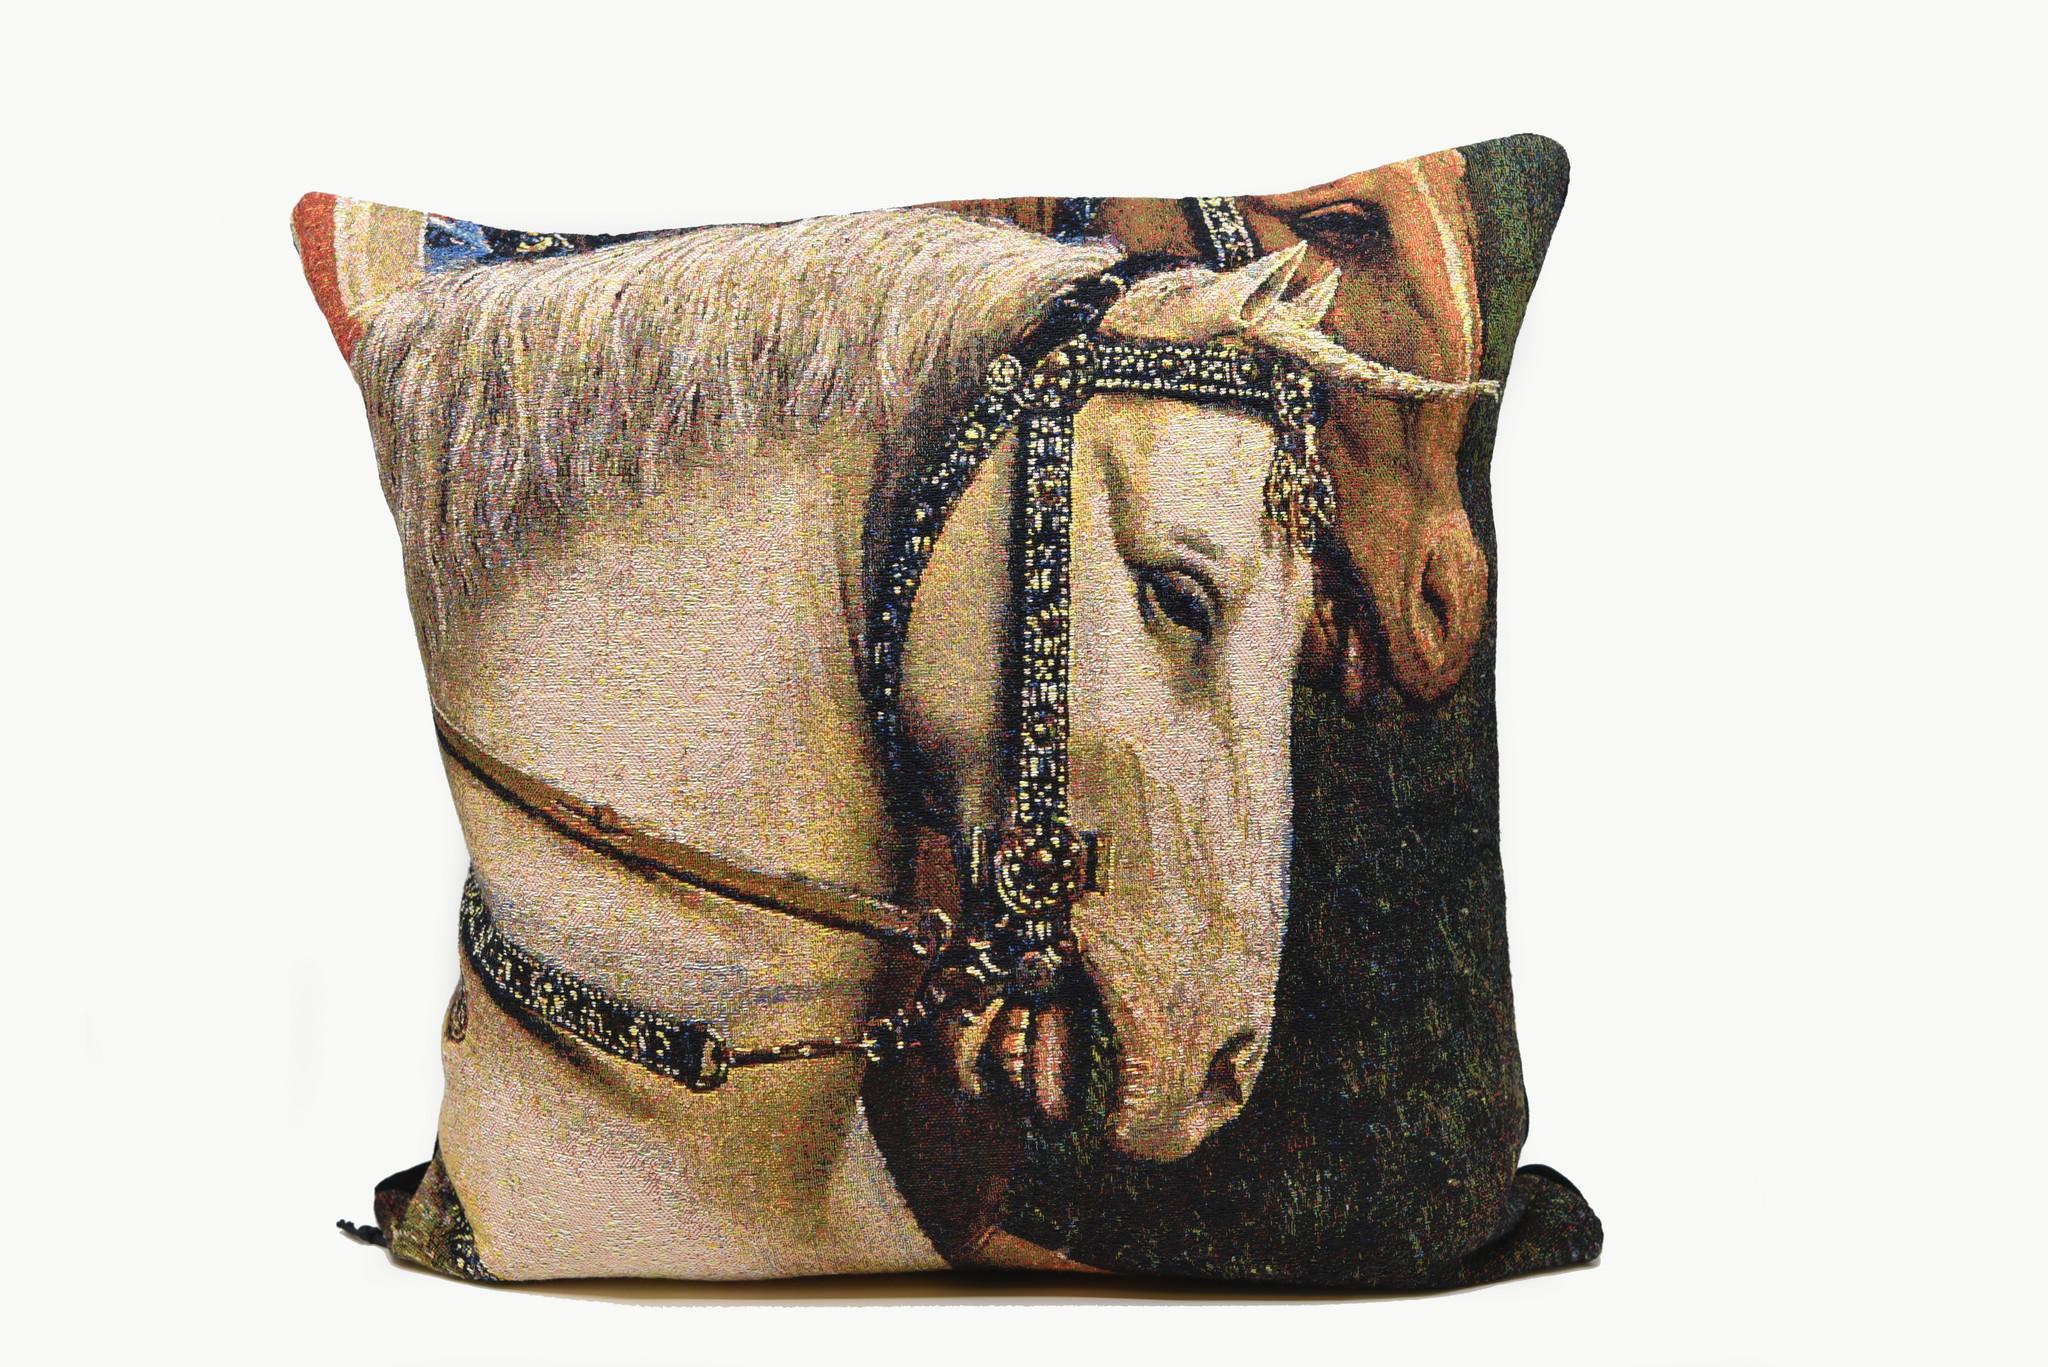 Meisterwerke Kussen hoofd van Paard van het paneel van de Rechtvaardige Rechters - Meisterwerke